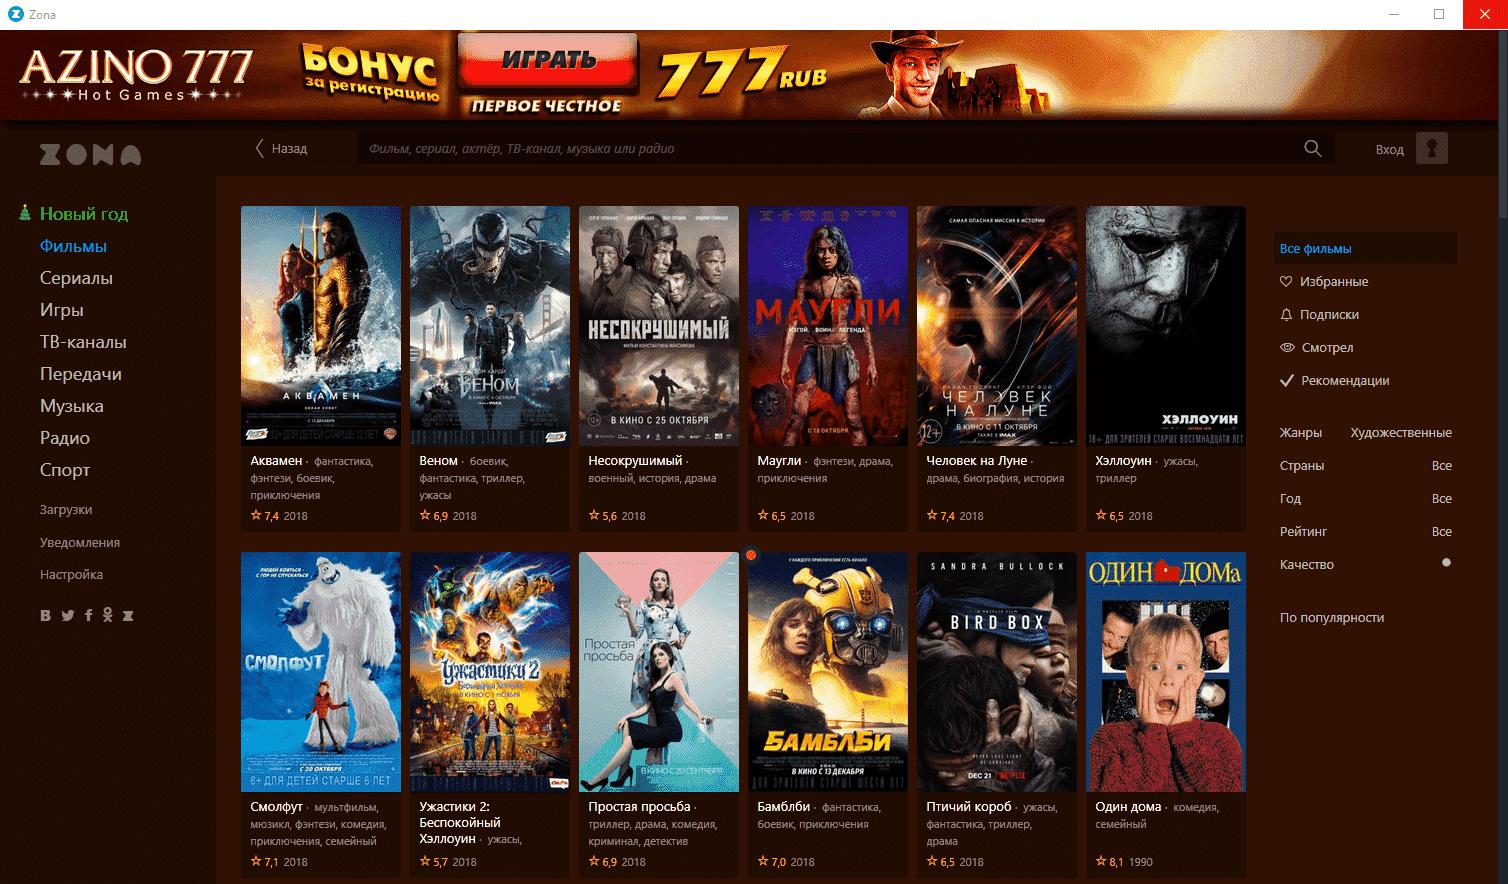 Программа Зона - позволяет смотреть фильмы онлайн